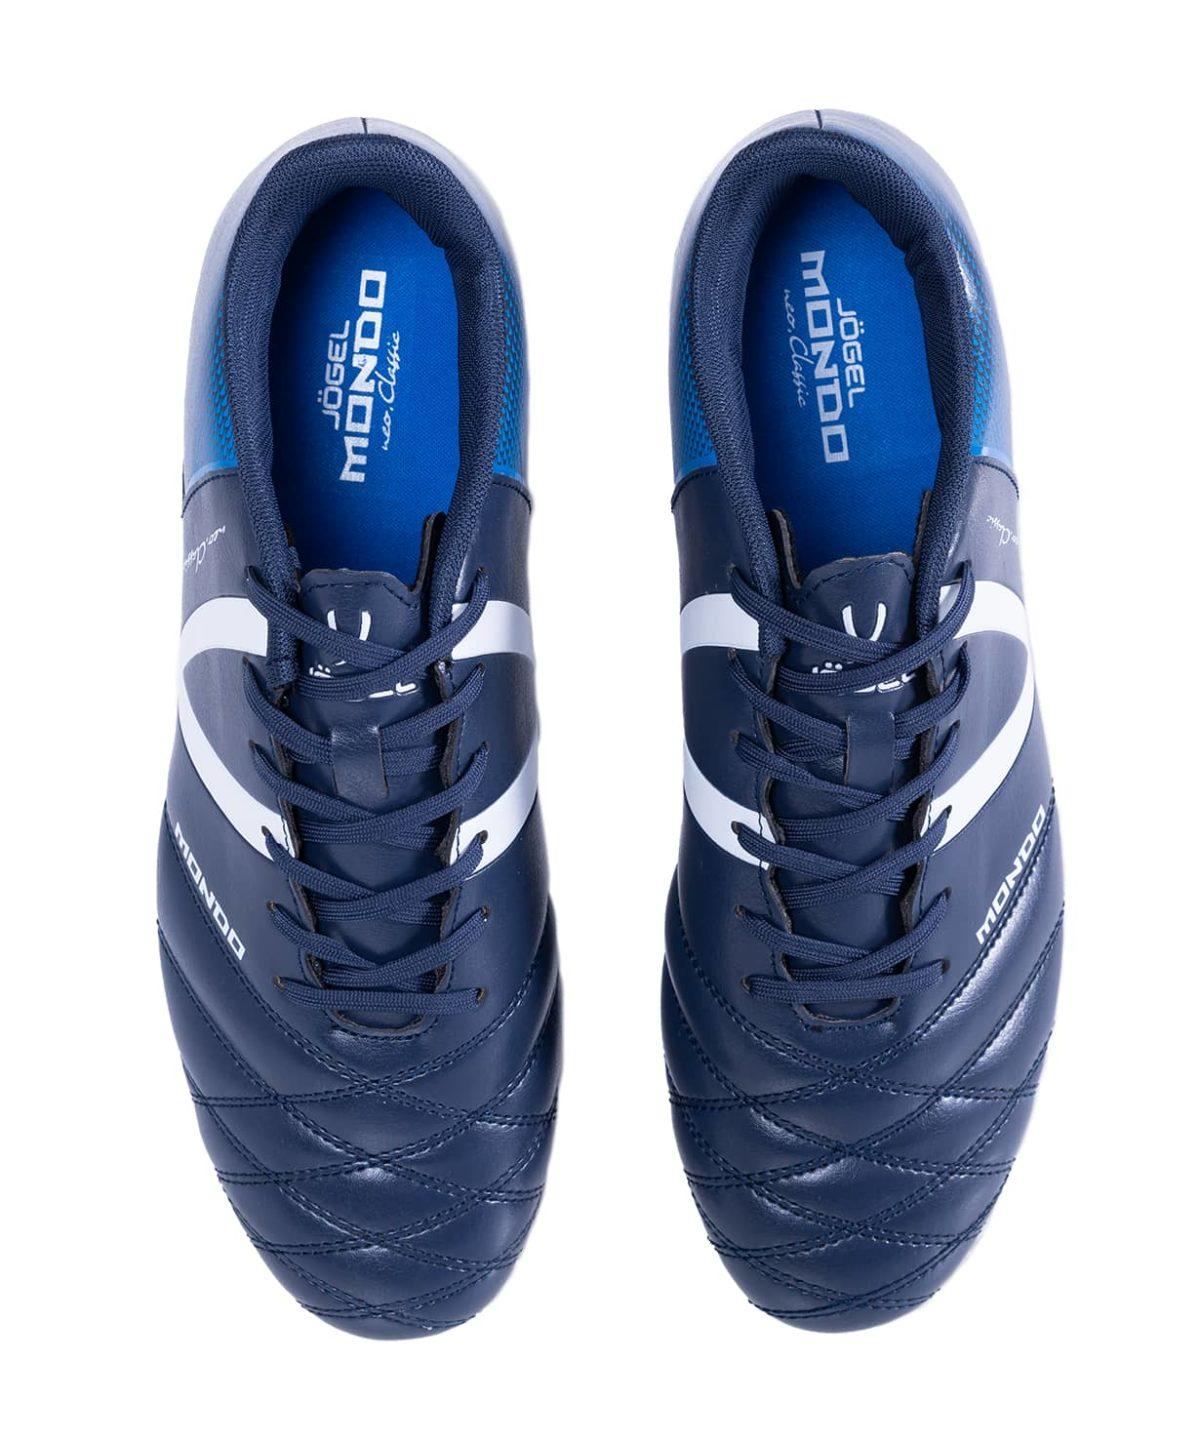 JOGEL Бутсы футбольные Mondo (41-45) JSH402: темно-синий - 3